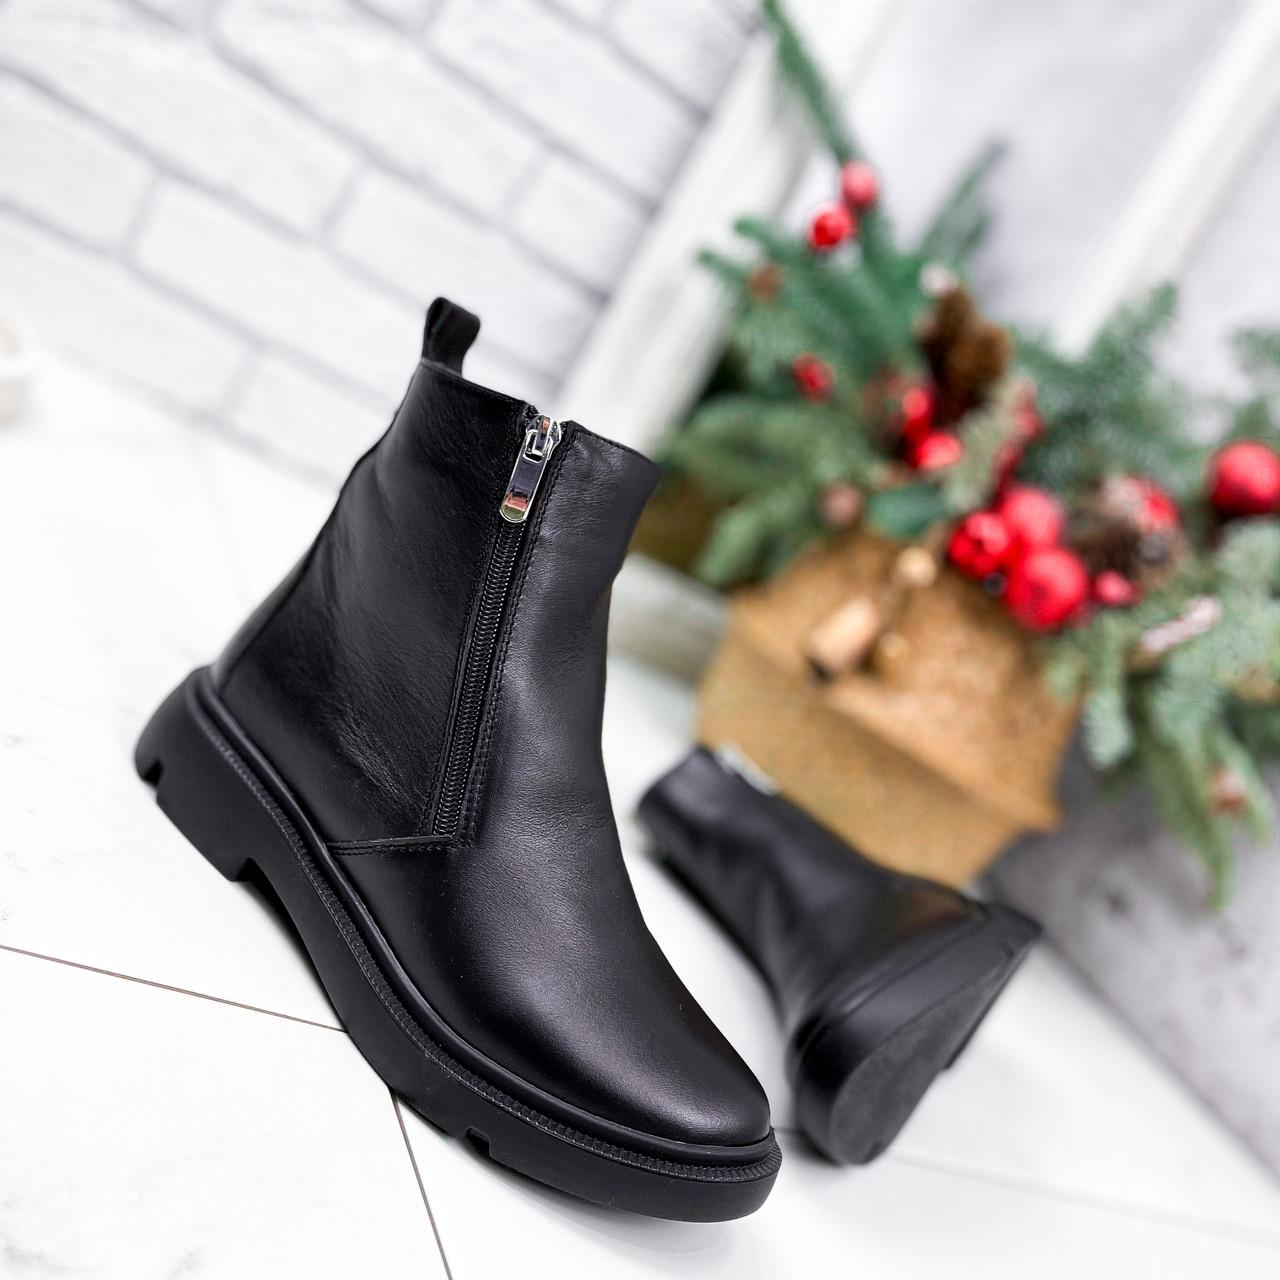 Ботинки женские Jan черные Зима 2717